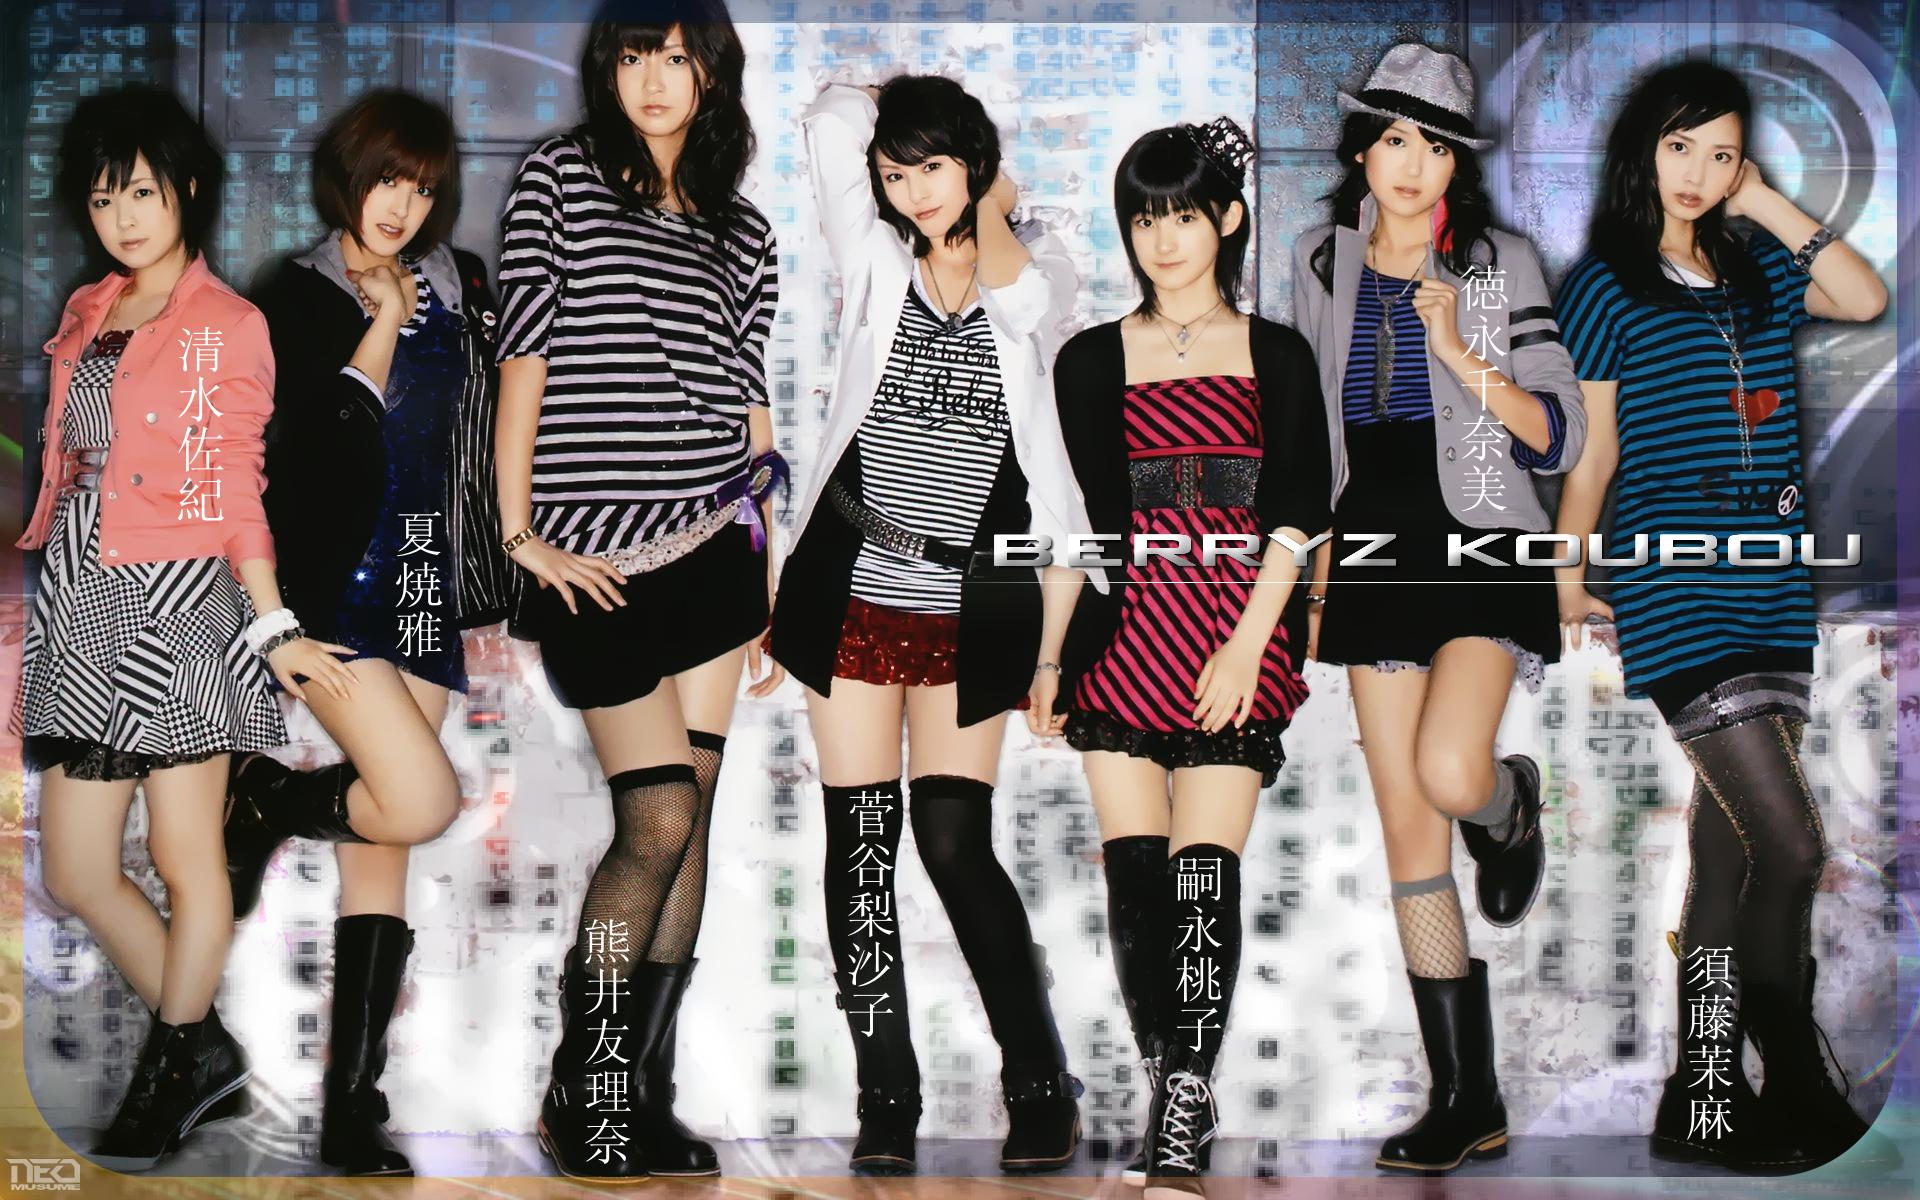 Fashion Berryz Koubou by NEO-Musume